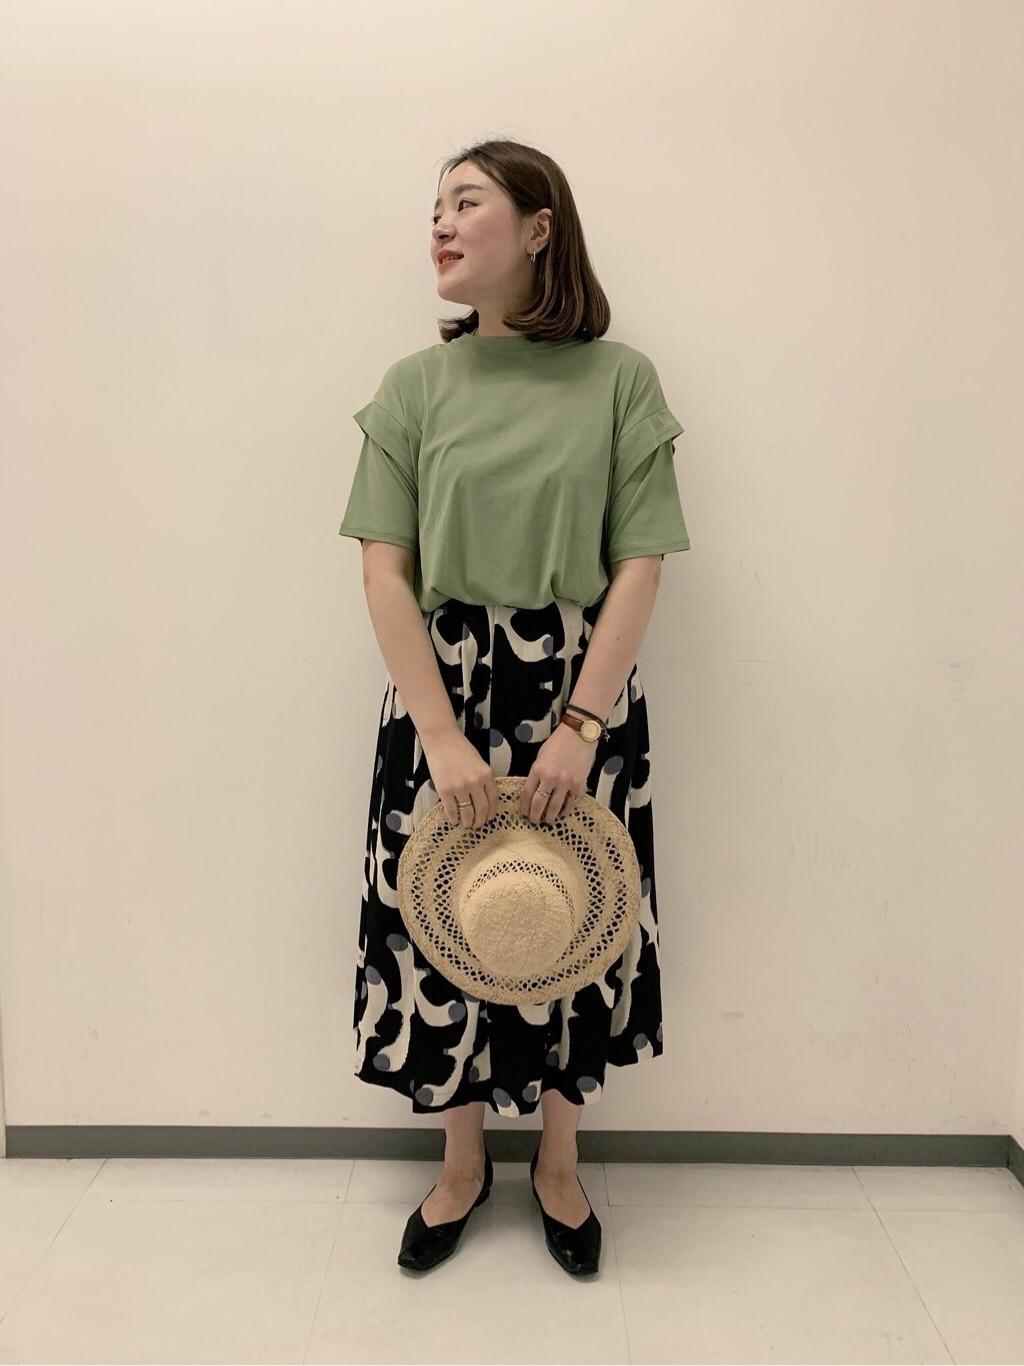 l'atelier du savon 京都路面 身長:166cm 2019.06.26